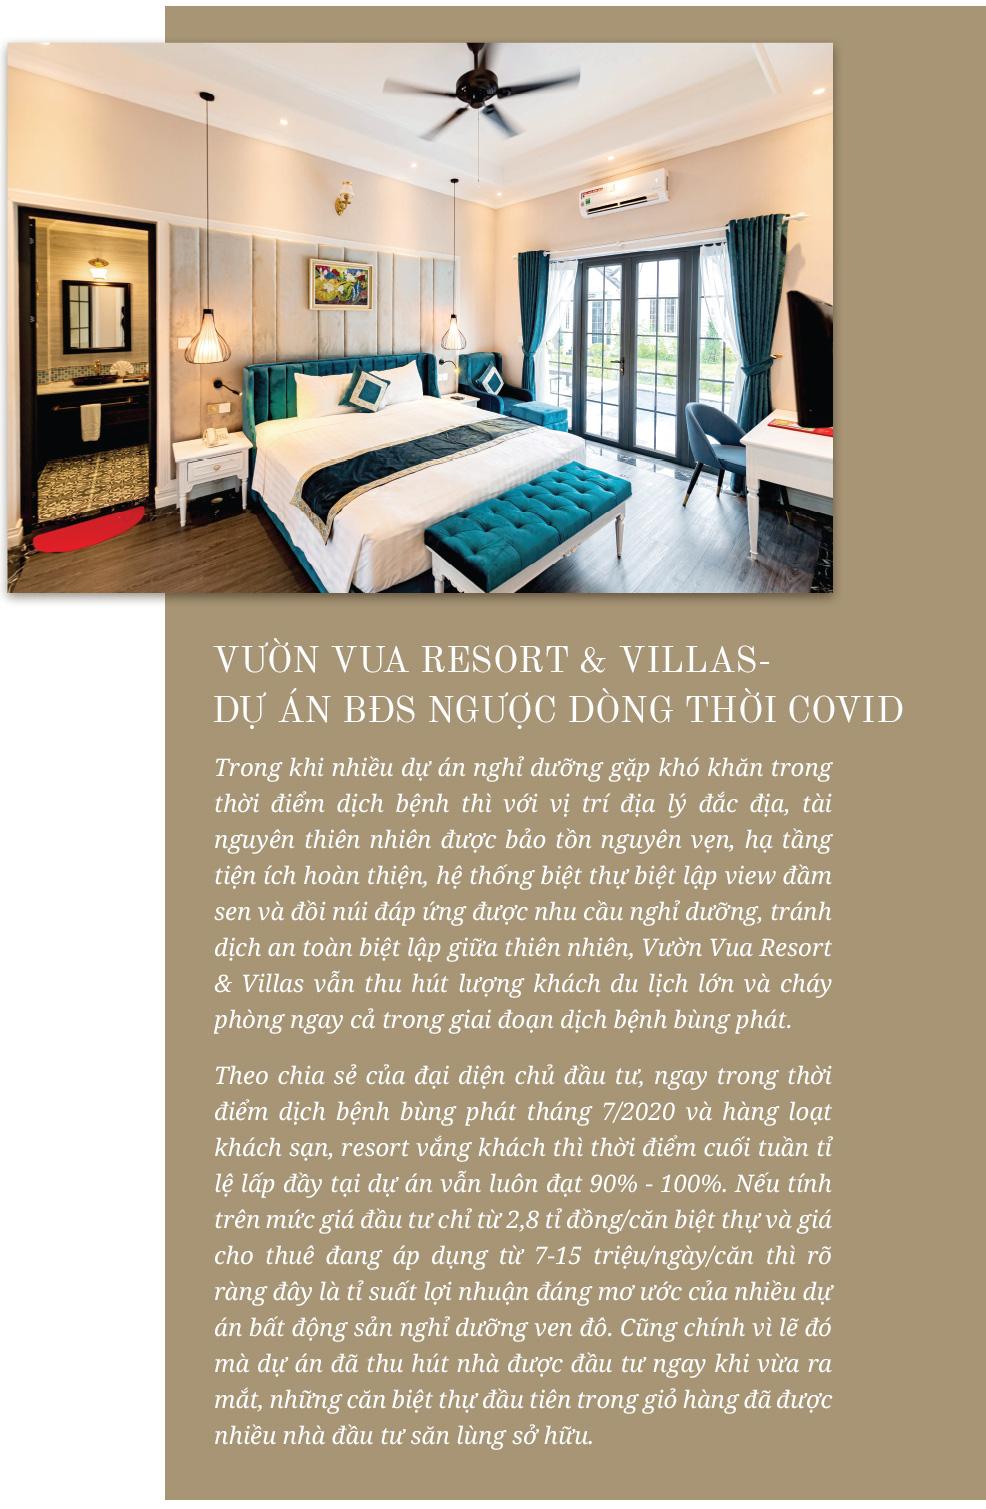 """Đón đầu xu hướng sở hữu ngôi nhà thứ hai, Vườn Vua Resort & Villas thu hút nhà đầu tư với """"lợi ích kép"""" sáng giá - Ảnh 11."""